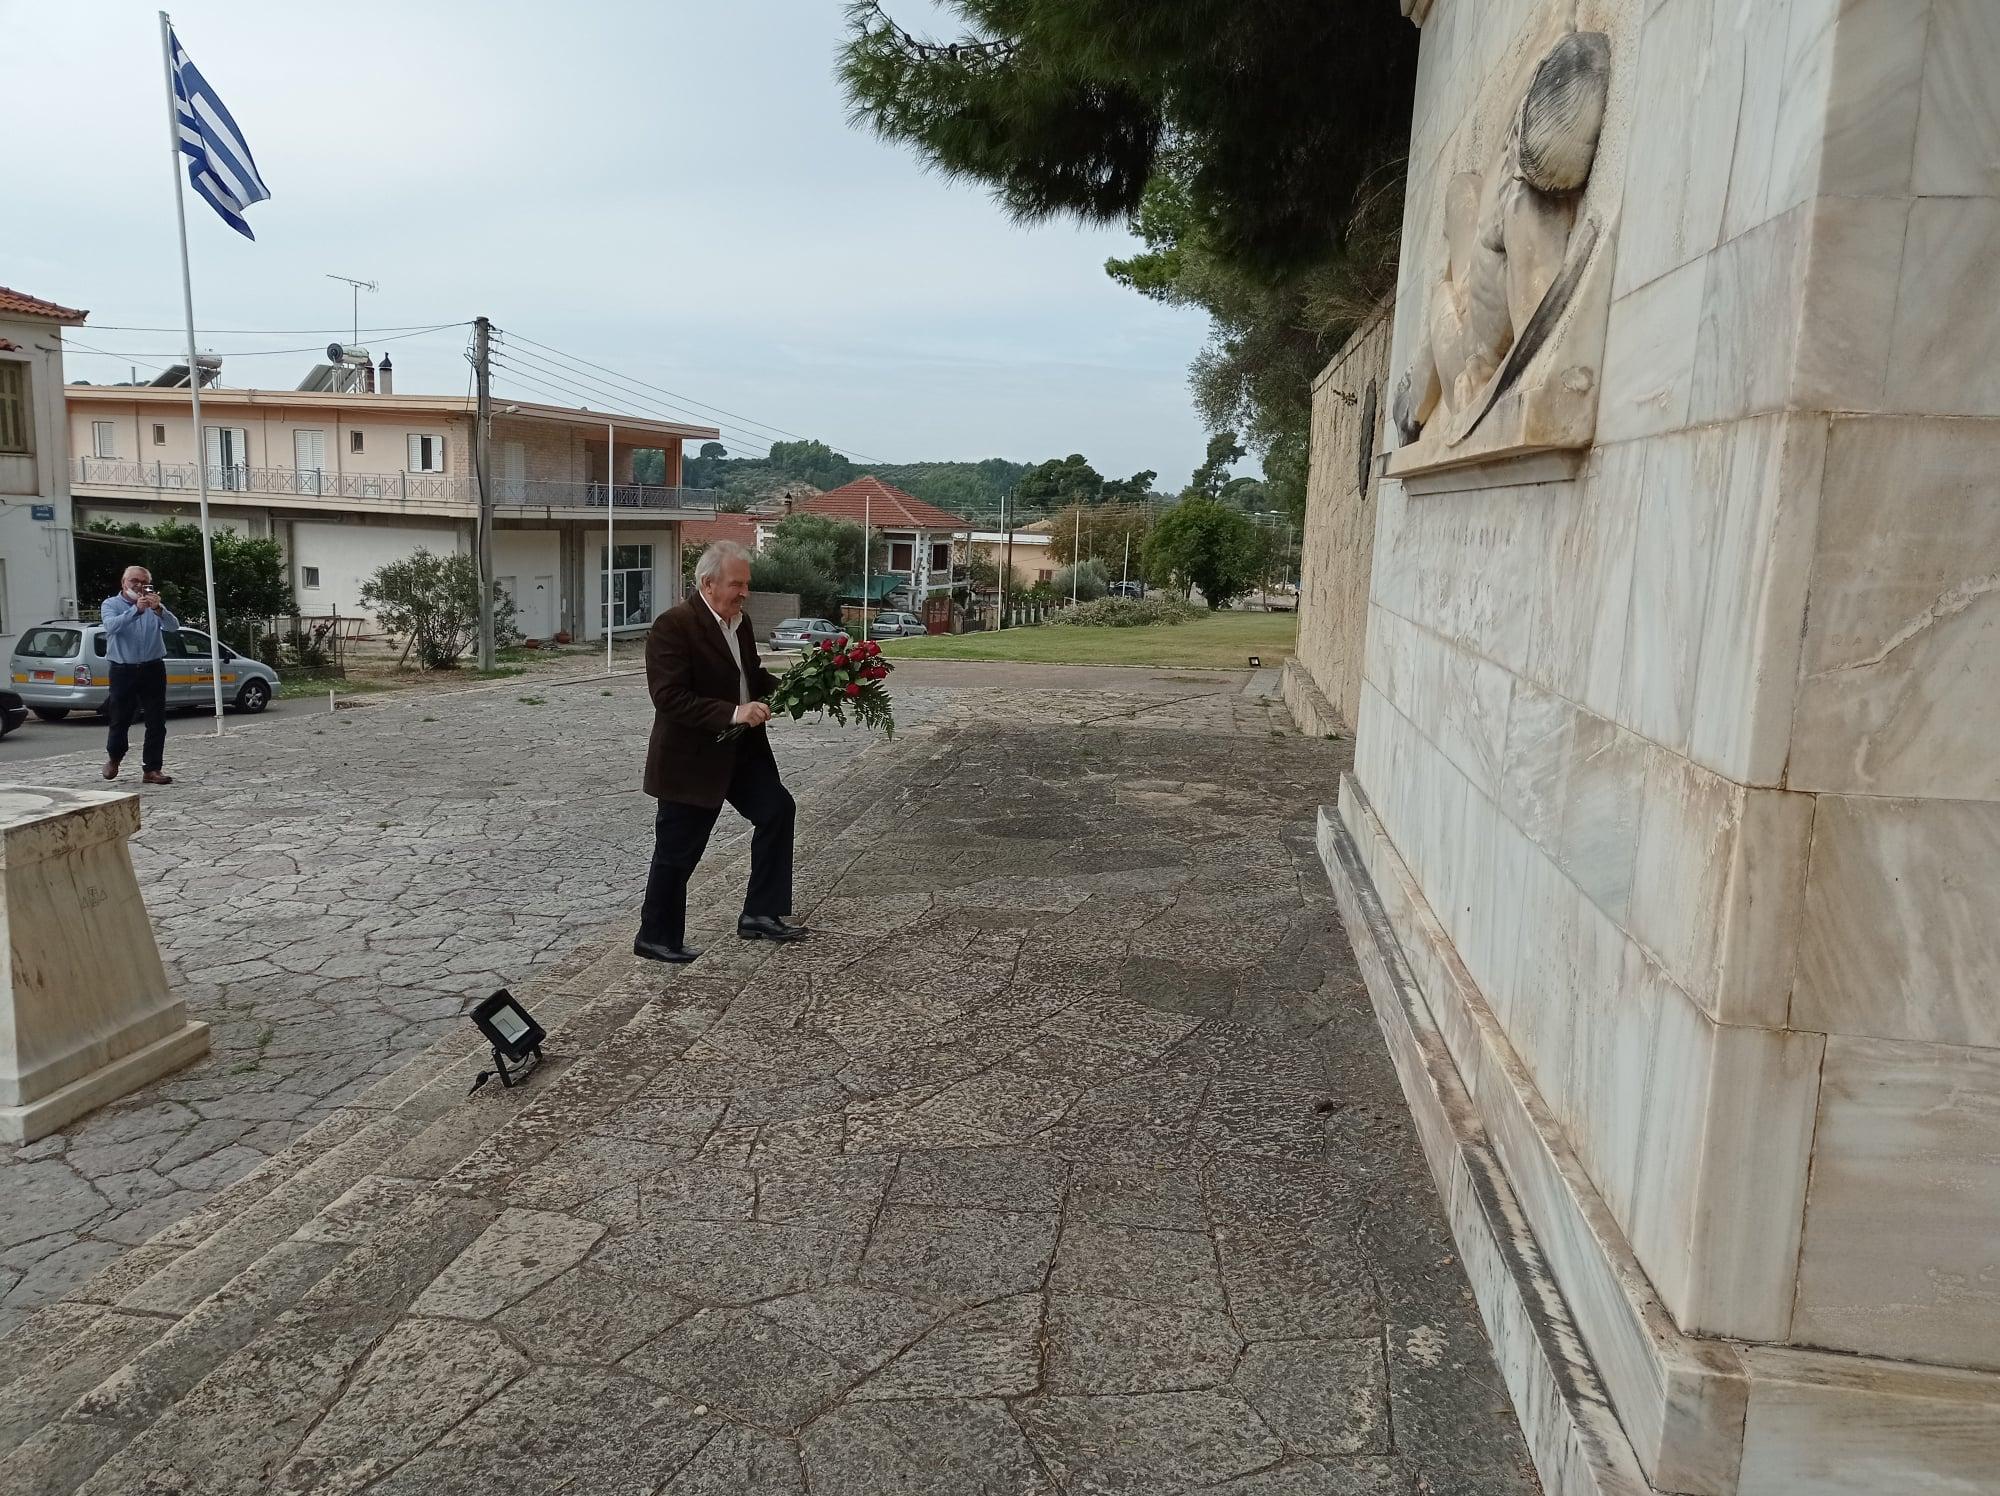 Δήμος Ανδρίτσαινας-Κρεστένων: Κατάθεση στεφάνων προς τιμήν των αγωνιστών του Πολυτεχνείου